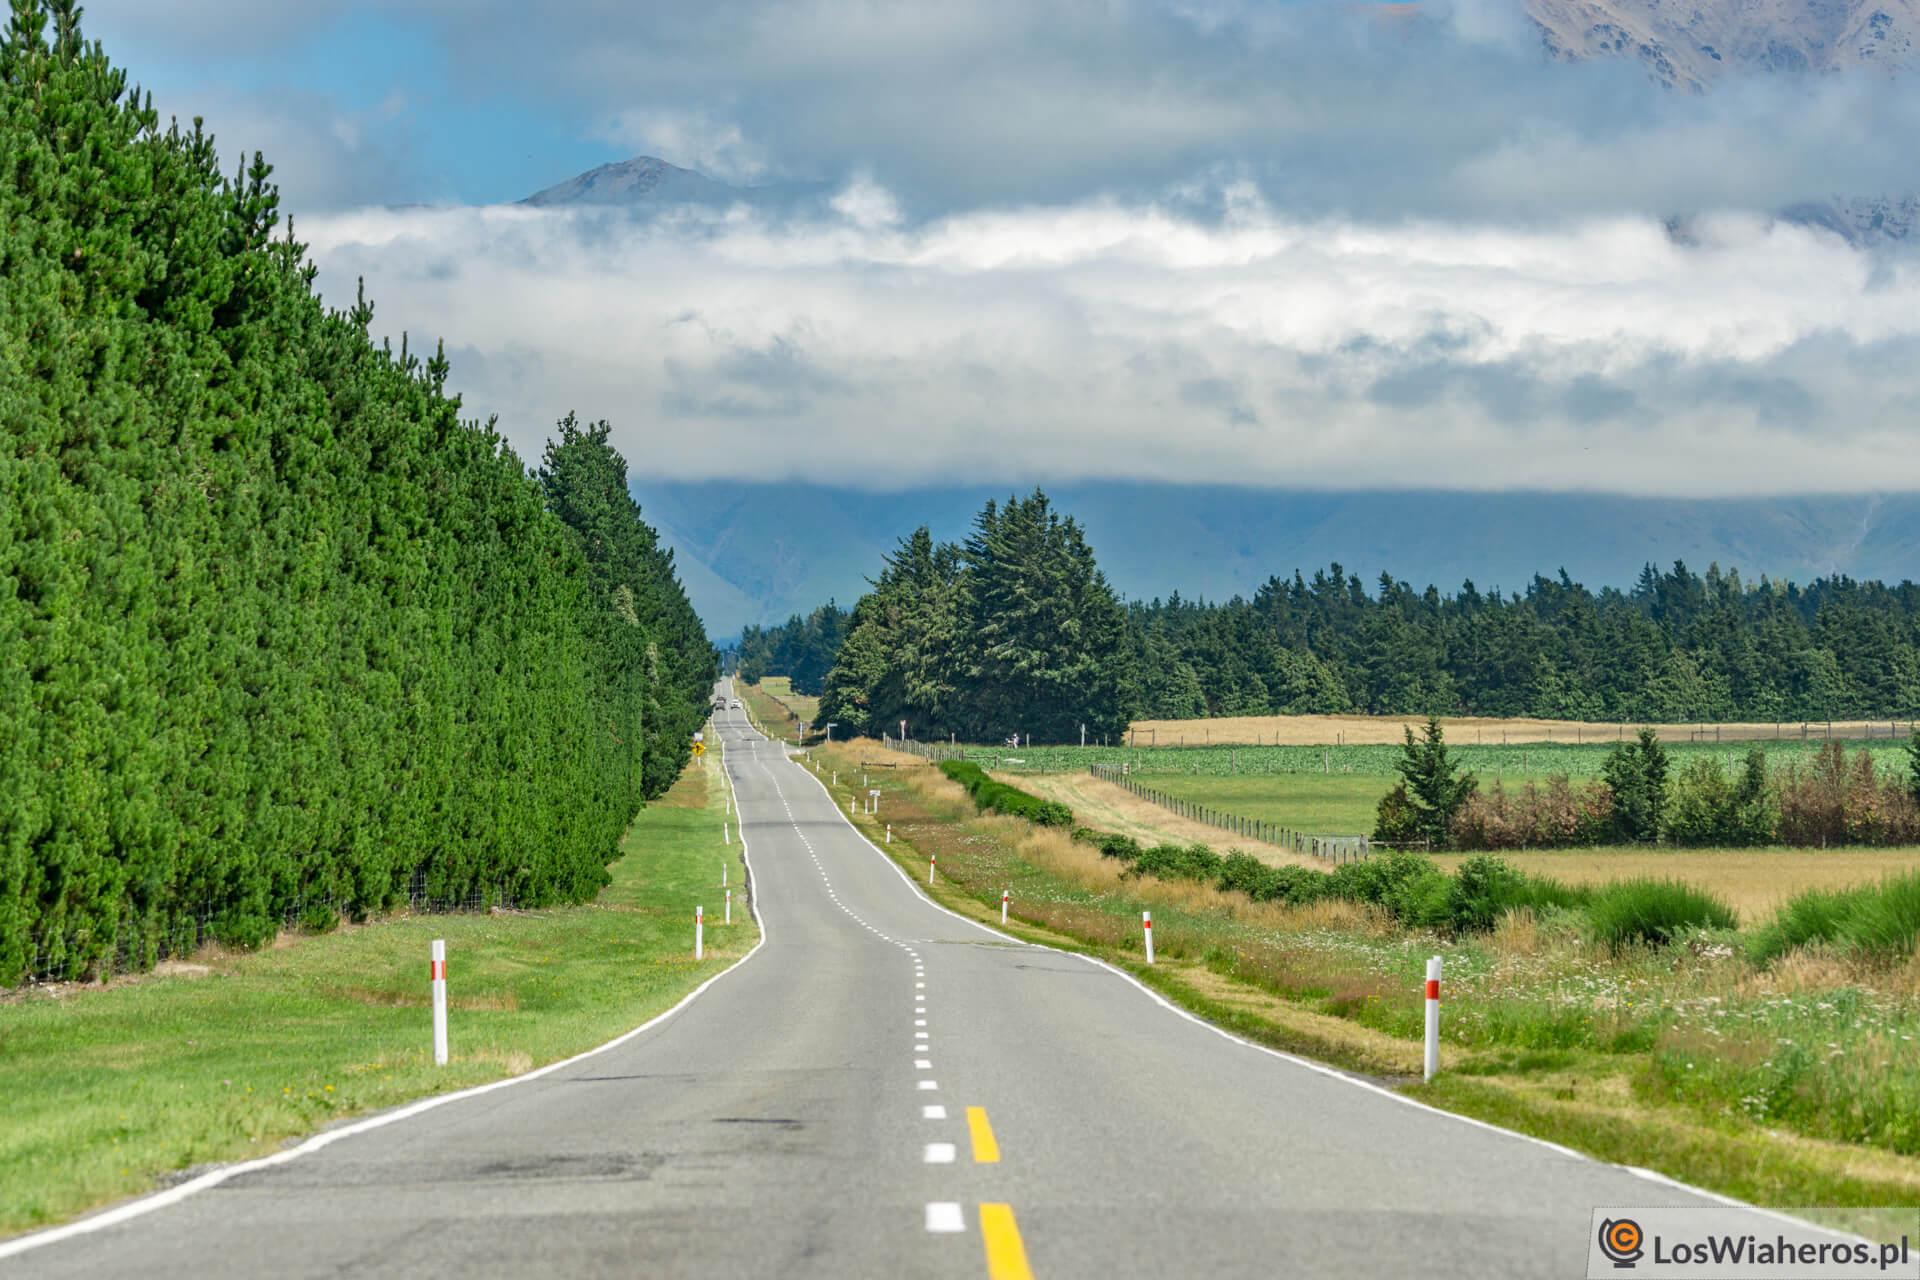 Drogi w Nowej Zelandii jak podjazdy do ogrodów!